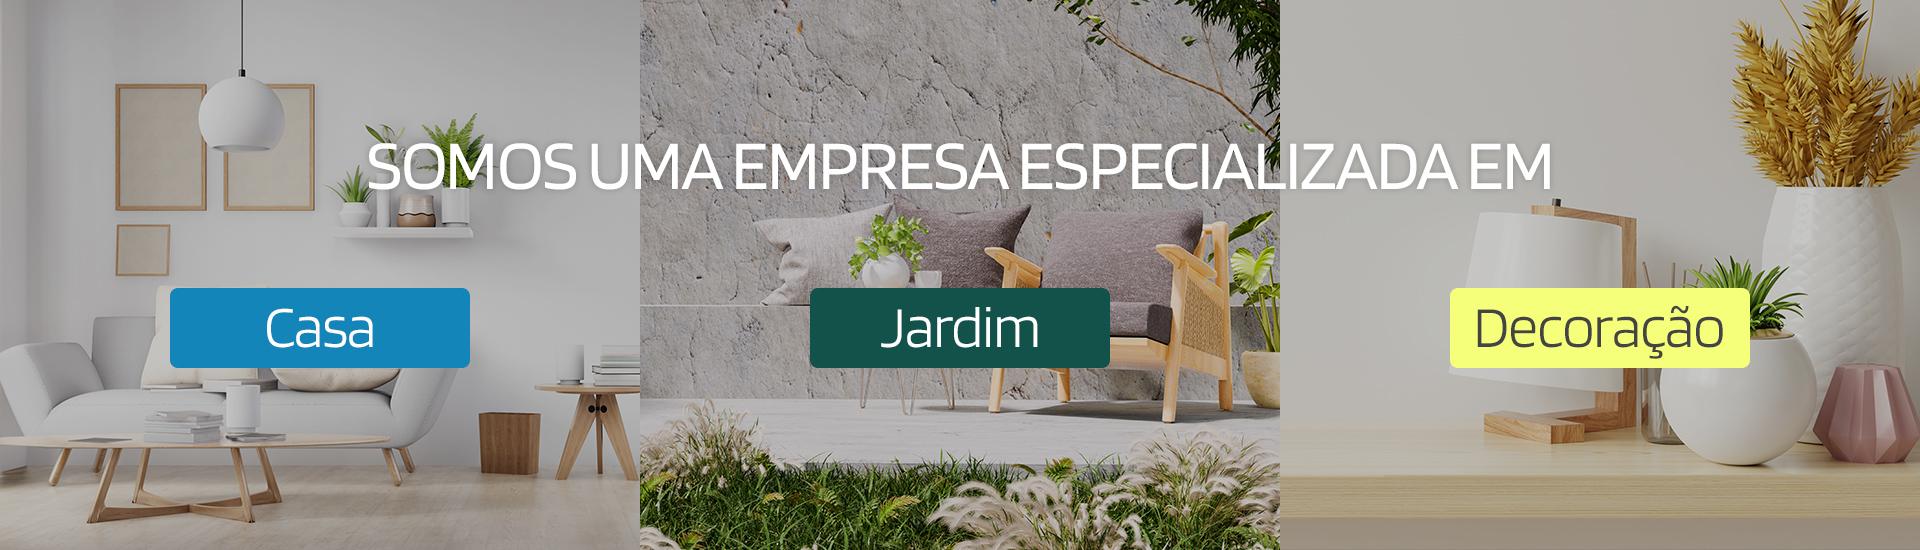 Casa, Jardim e Decoração